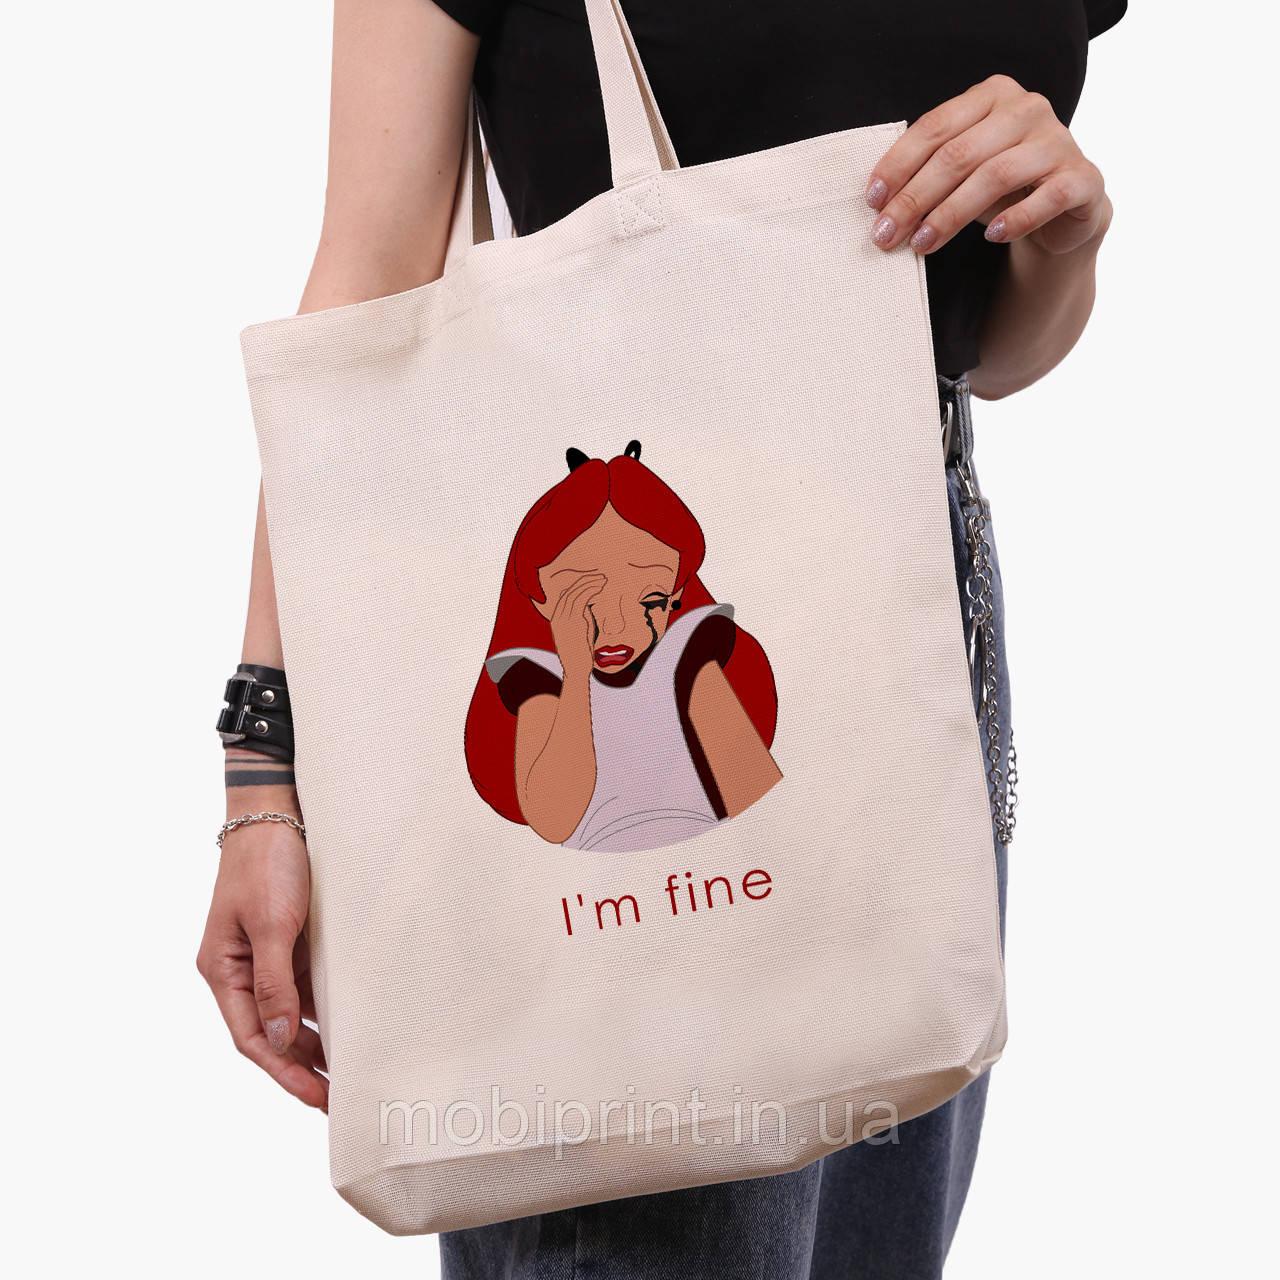 """Эко сумка шоппер белая Алиса я в порядке """"Дисней"""" (9227-1440-1) экосумка шопер 41*39*8 см"""